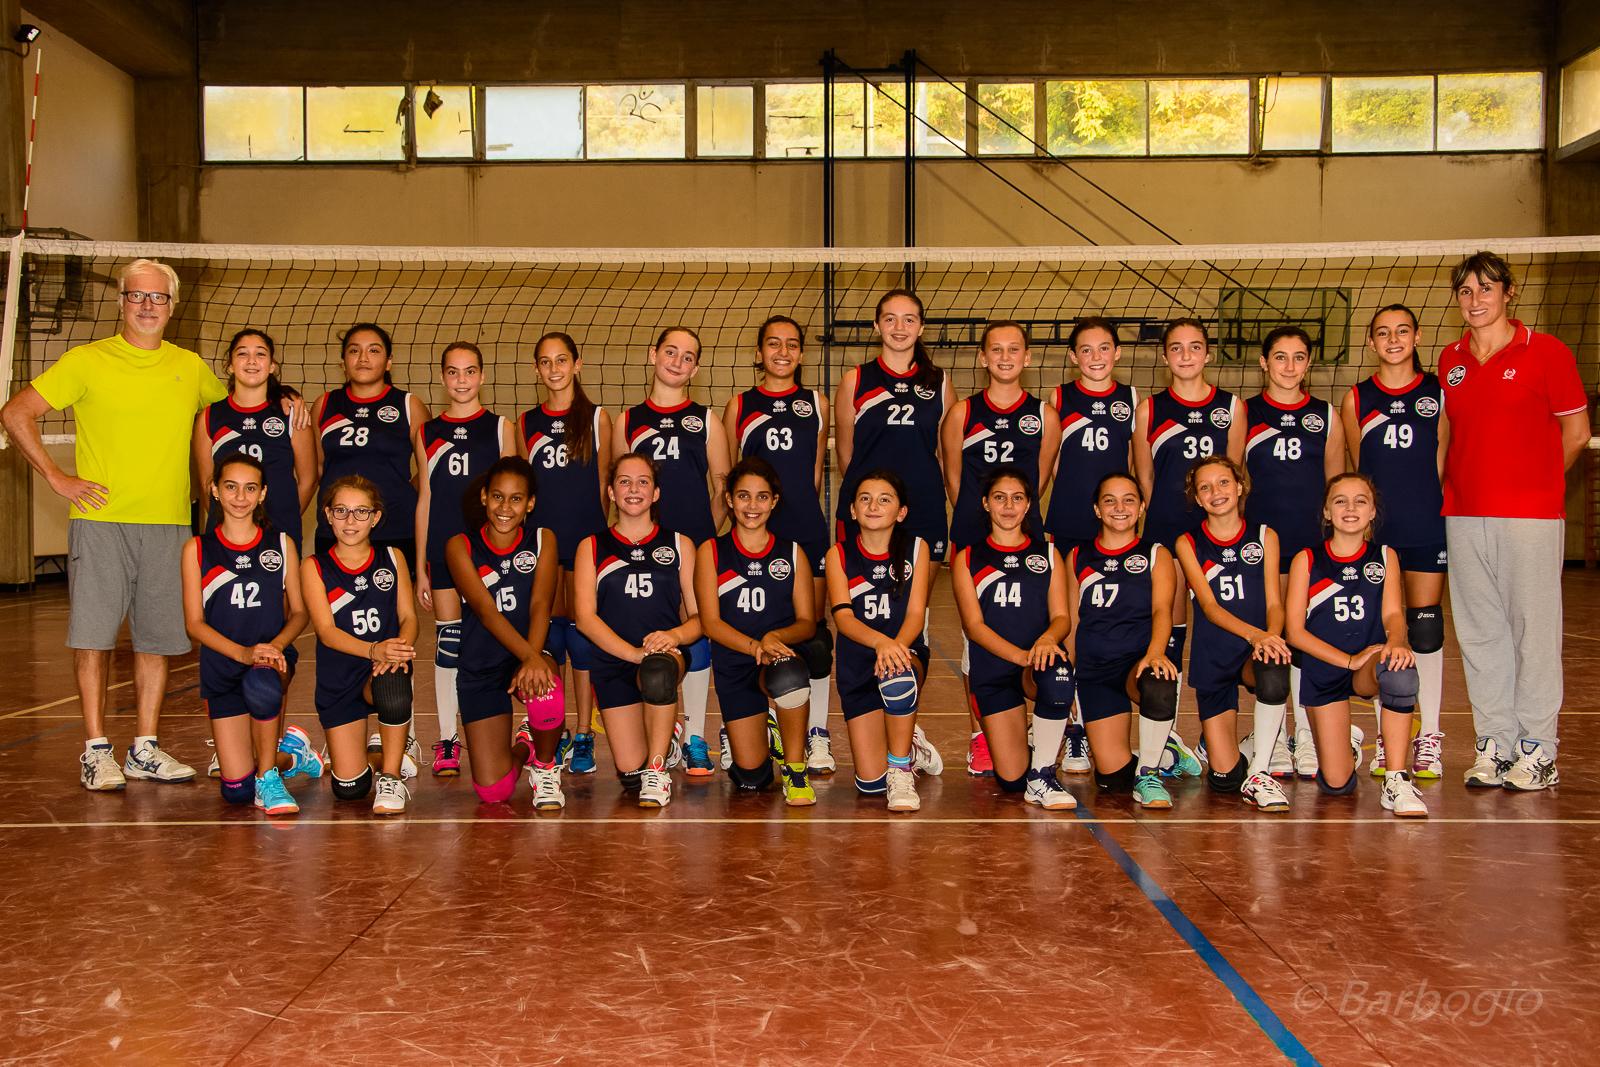 Calendario Fipav.Under 13 Fipav Uisp 2017 2018 Volley Club Sestese